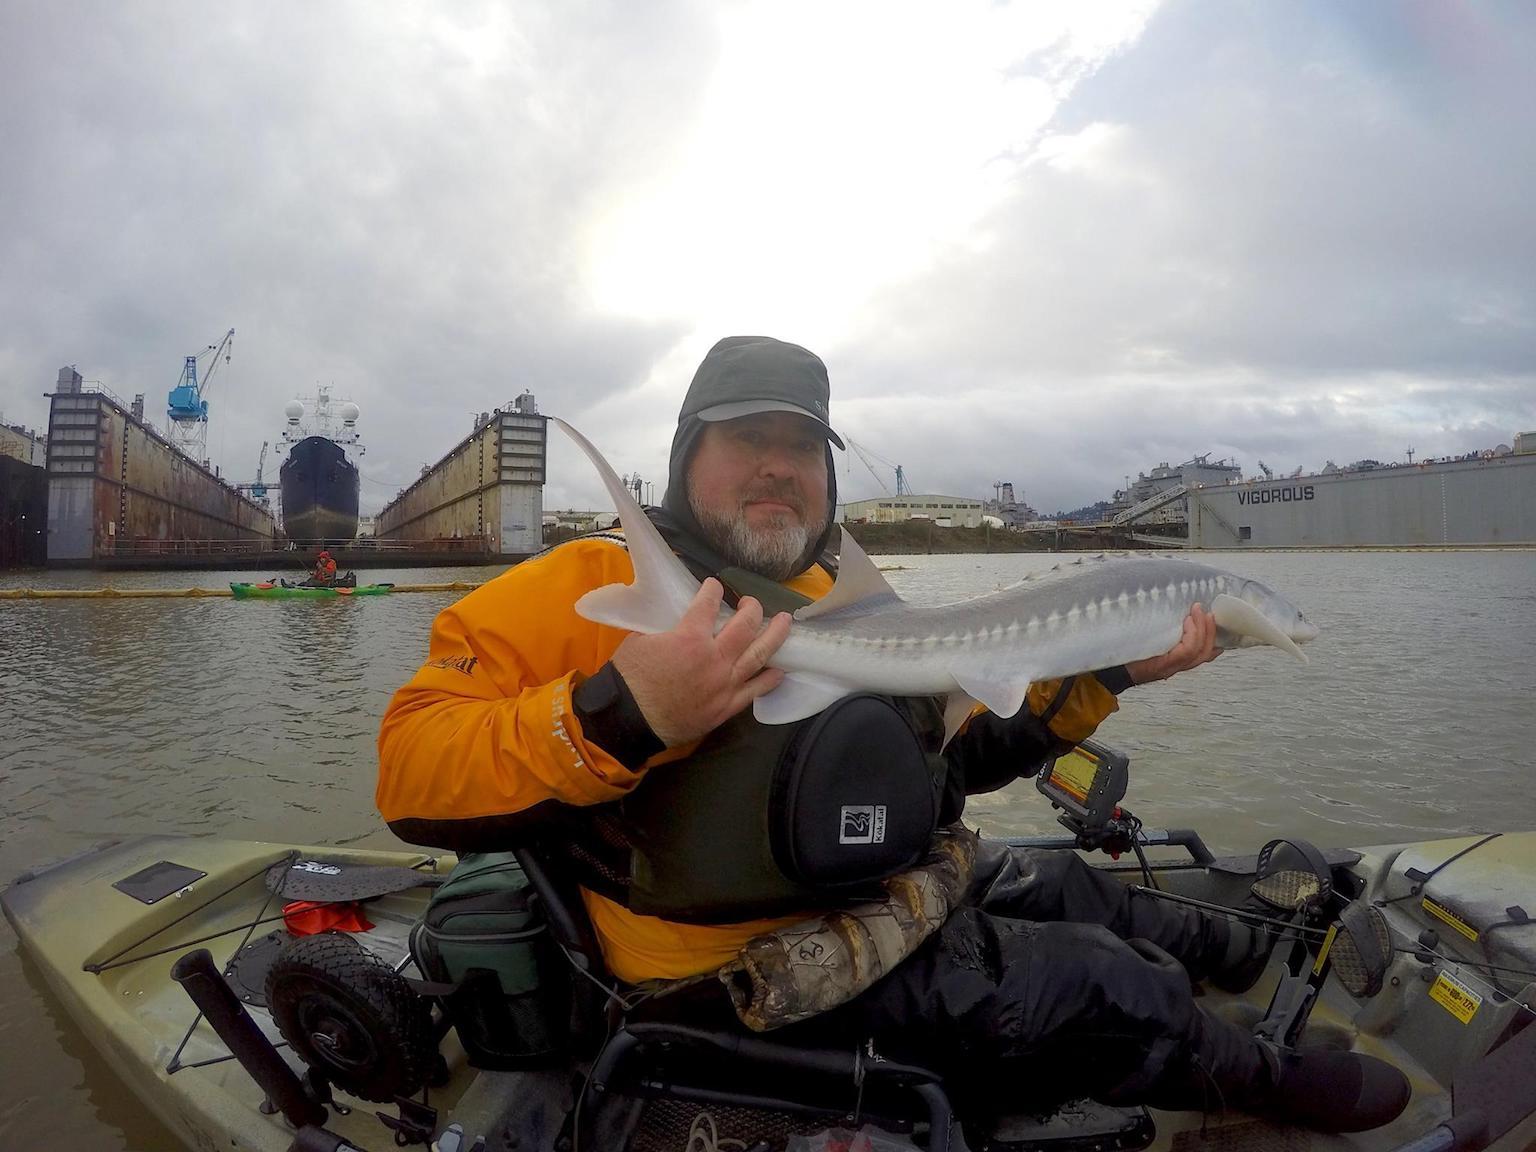 Sturgeon fishing on the willamette kayak fishing washington for Sturgeon fishing washington